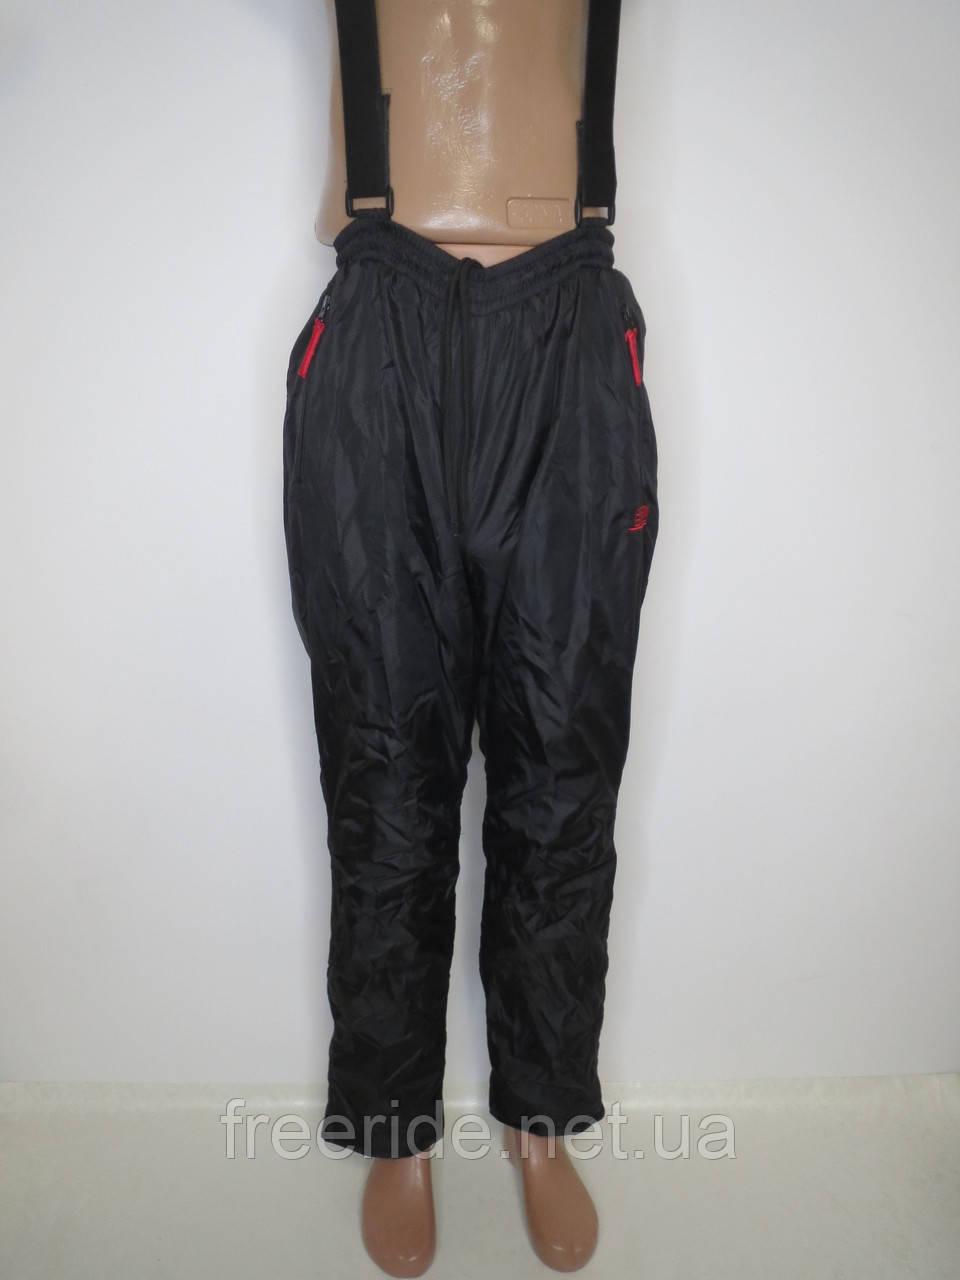 Лыжные штаны TAS (M/L) The Snow водоотталкивающие